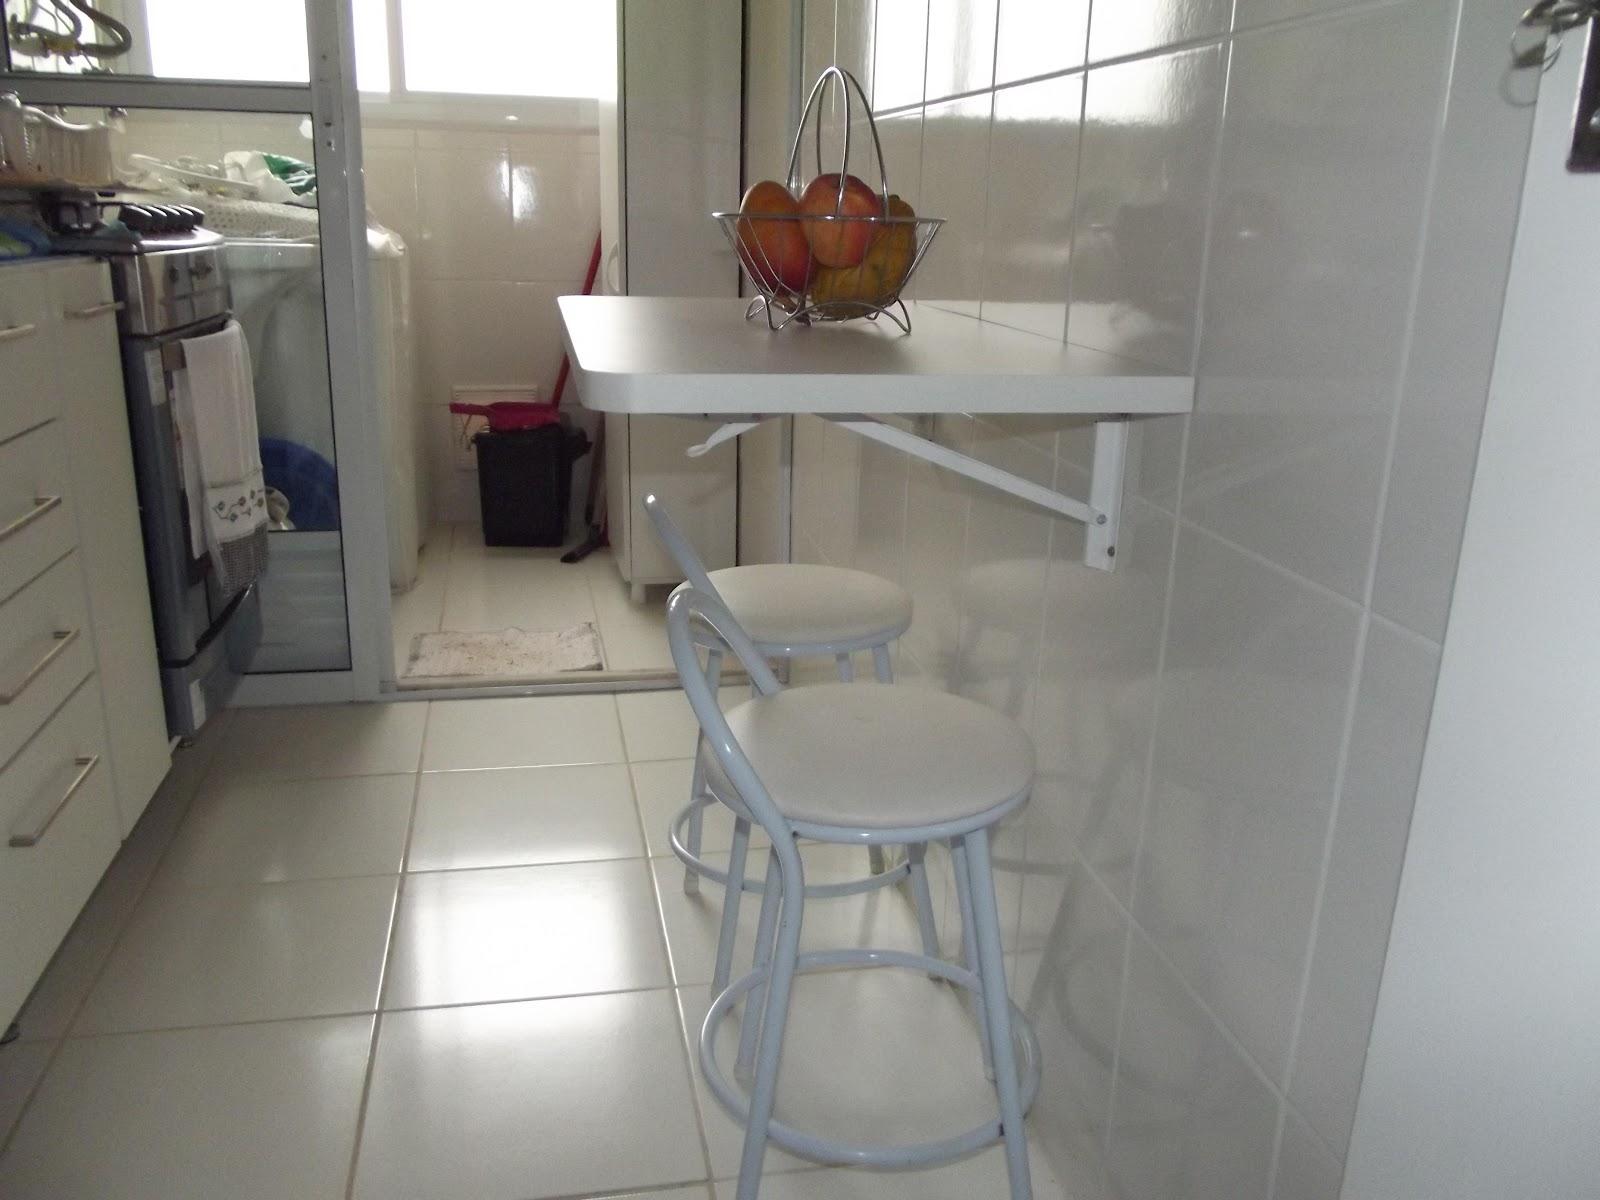 EM MADEIRA MACIÇA E MOVEIS SOB MEDIDA: Cozinha Banheiro e Quarto #5E4738 1600x1200 Armario Banheiro De Embutir